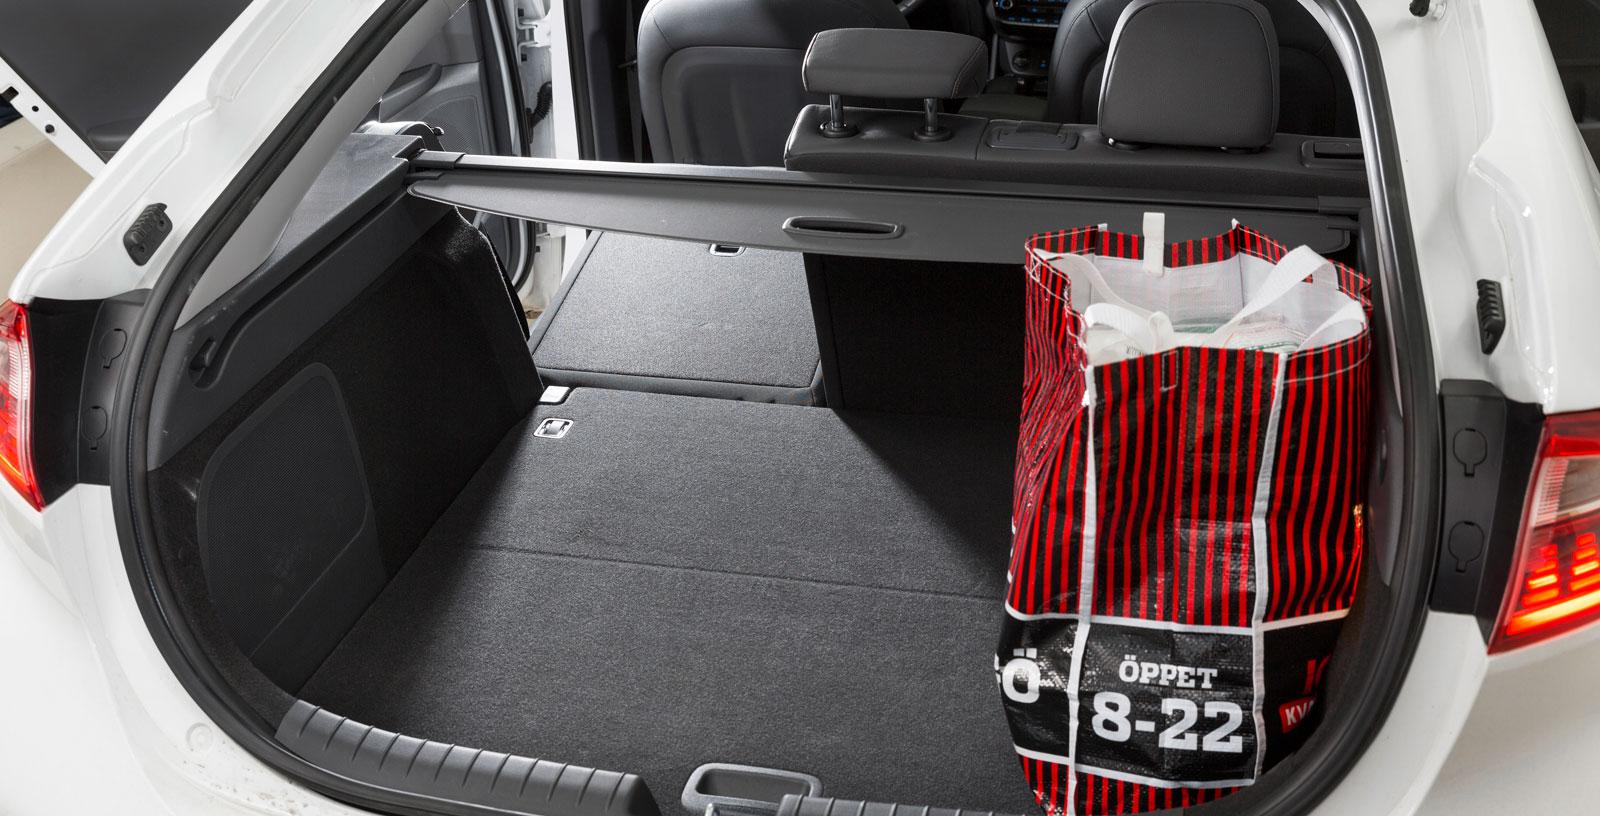 Lättlastat bagage med plats för laddsladd och insynsskydd under lastgolvet. Men låg lasthöjd gör att stora matkassar inte ryms under insynsskyddet och lastvikten för bagaget är låg – bara 60 kilo.